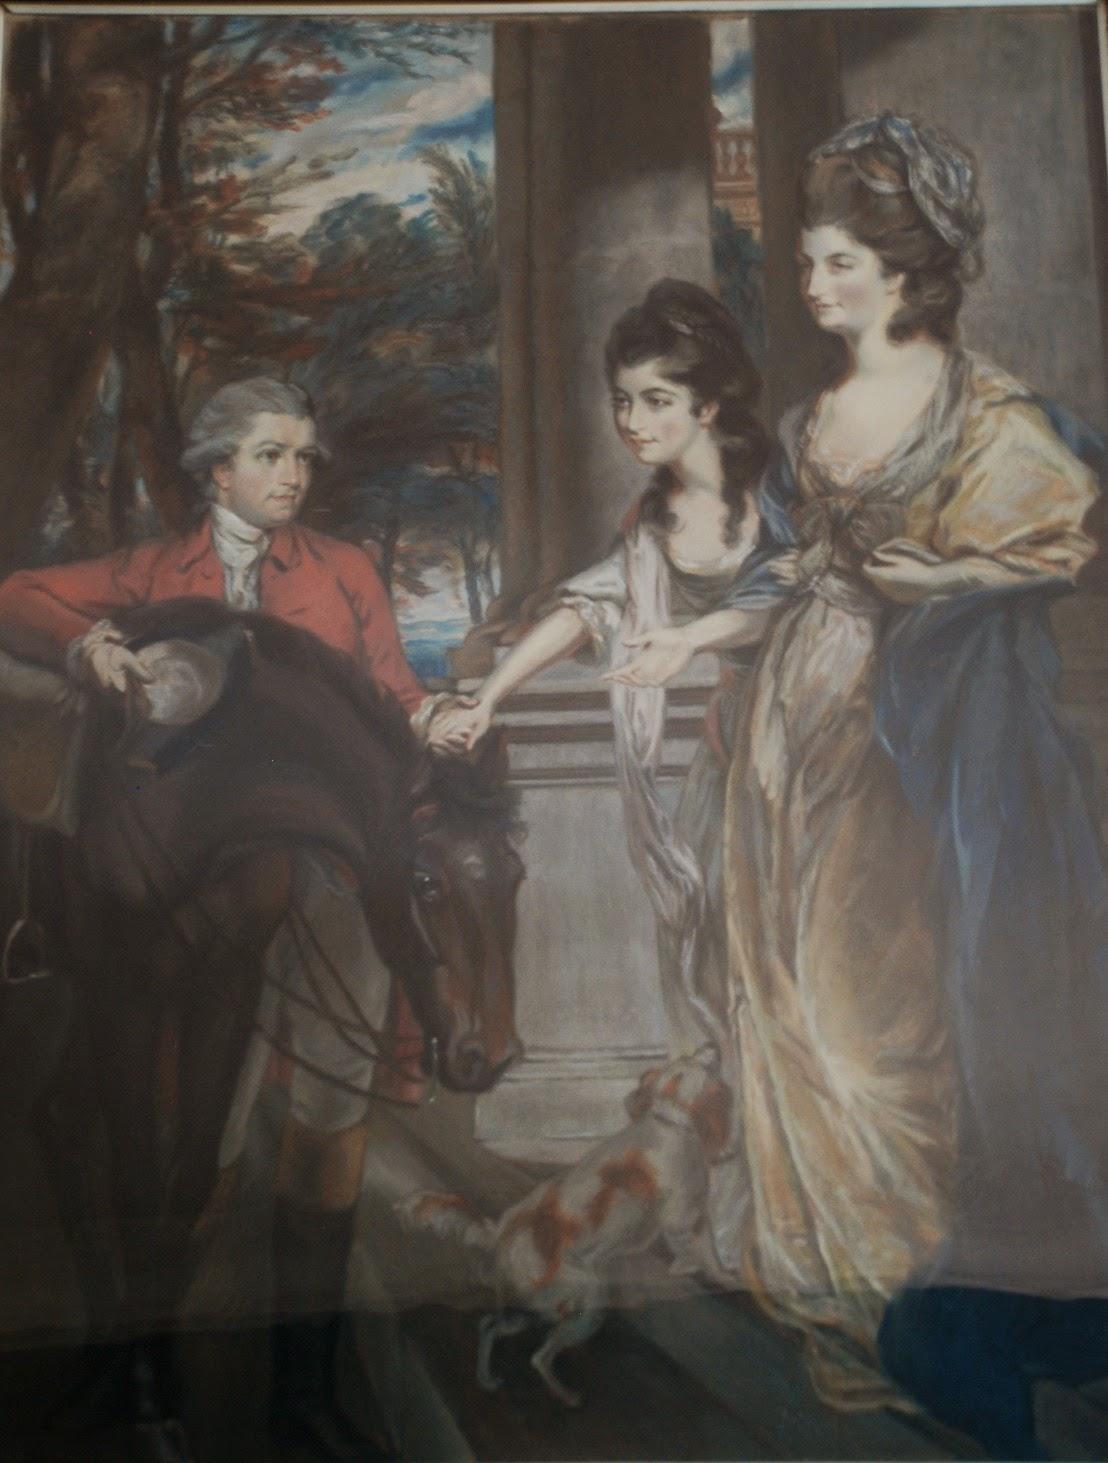 Robert Child, Sarah Anne Child and Sarah Child